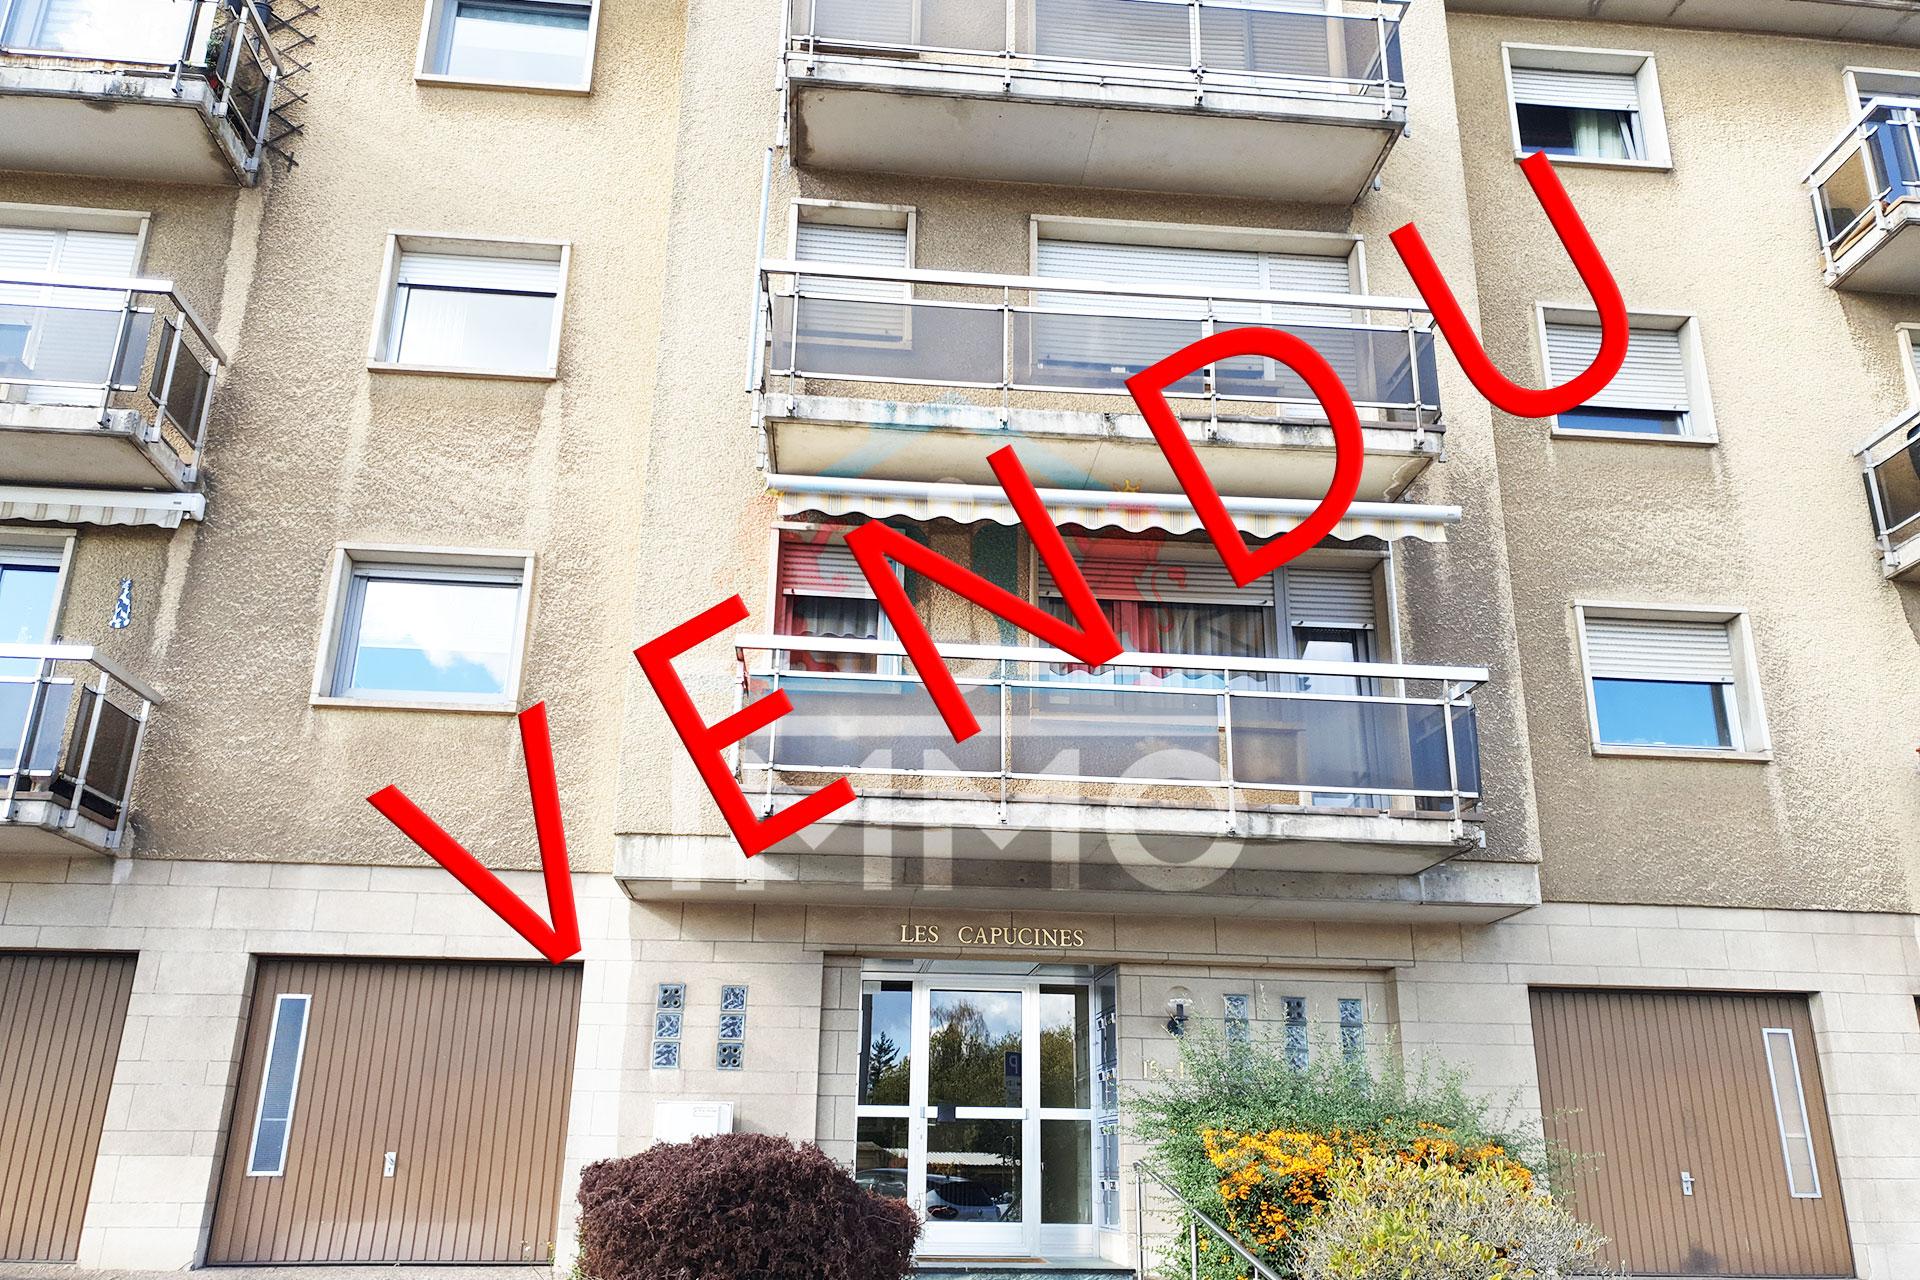 Appartement-a-vendre-a-Esch-sur-Alzette-IMMO-SARL-1